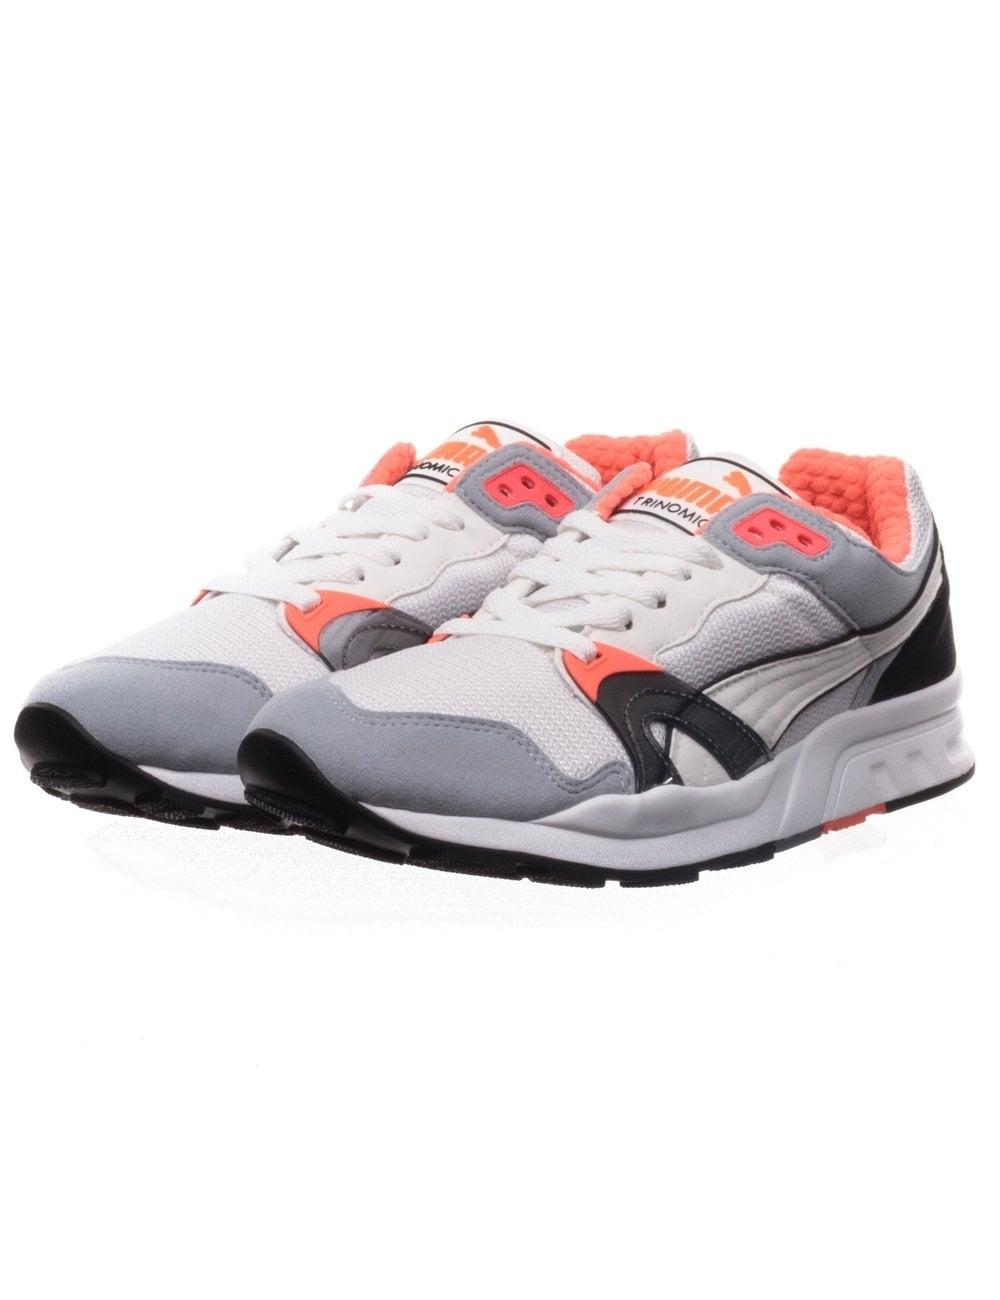 dfccecc6874 Puma Trinomic XT1 Plus OG - Grey Dawn White - Footwear from Fat ...